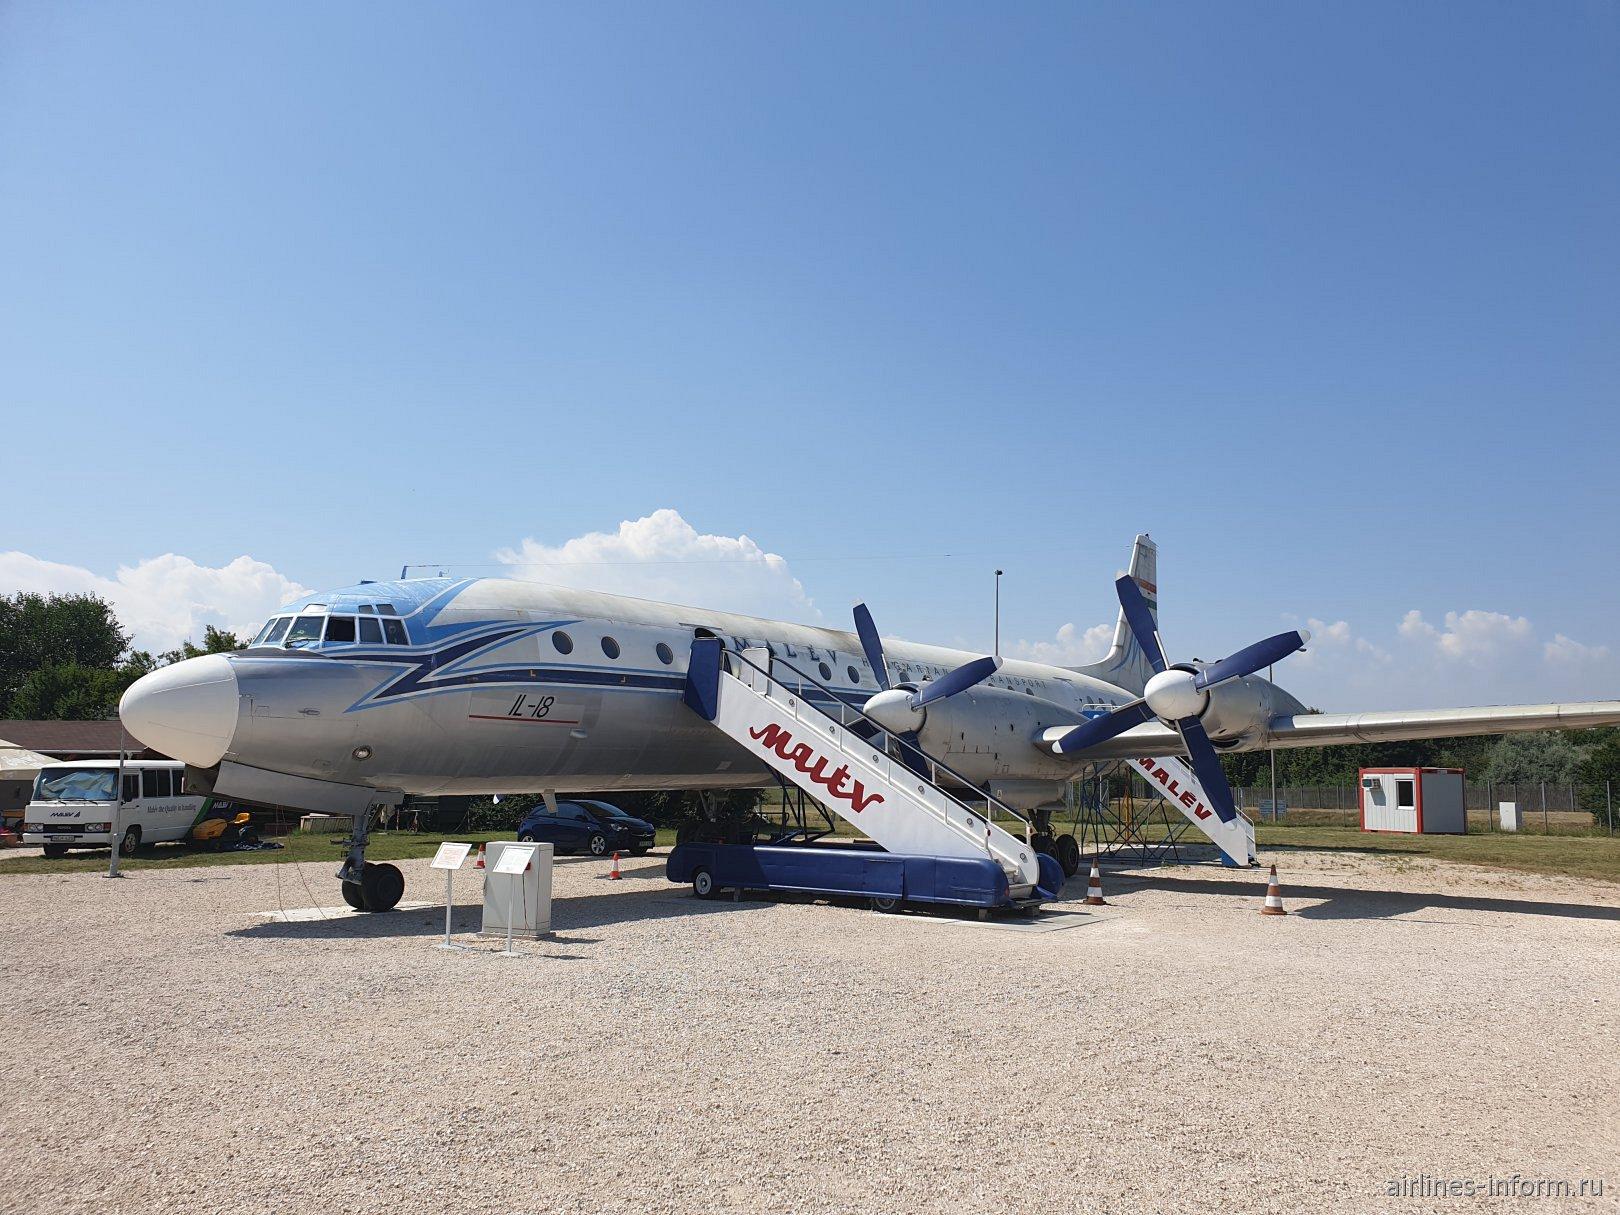 Самолет Ил-18 авиакомпании Malev в музее аэропорта Будапешта